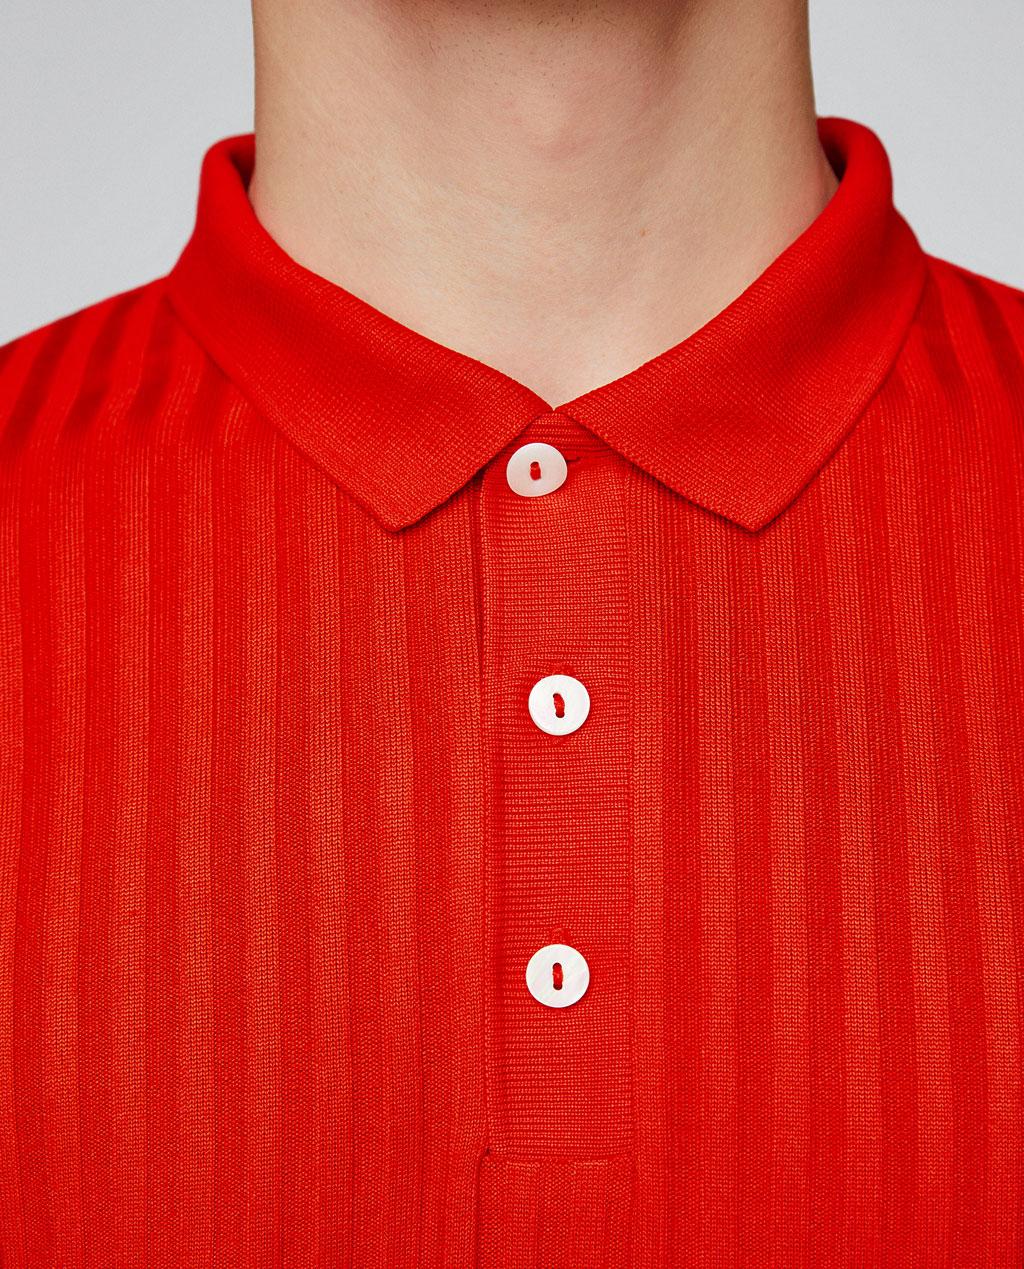 Thời trang nam Zara  23930 - ảnh 7